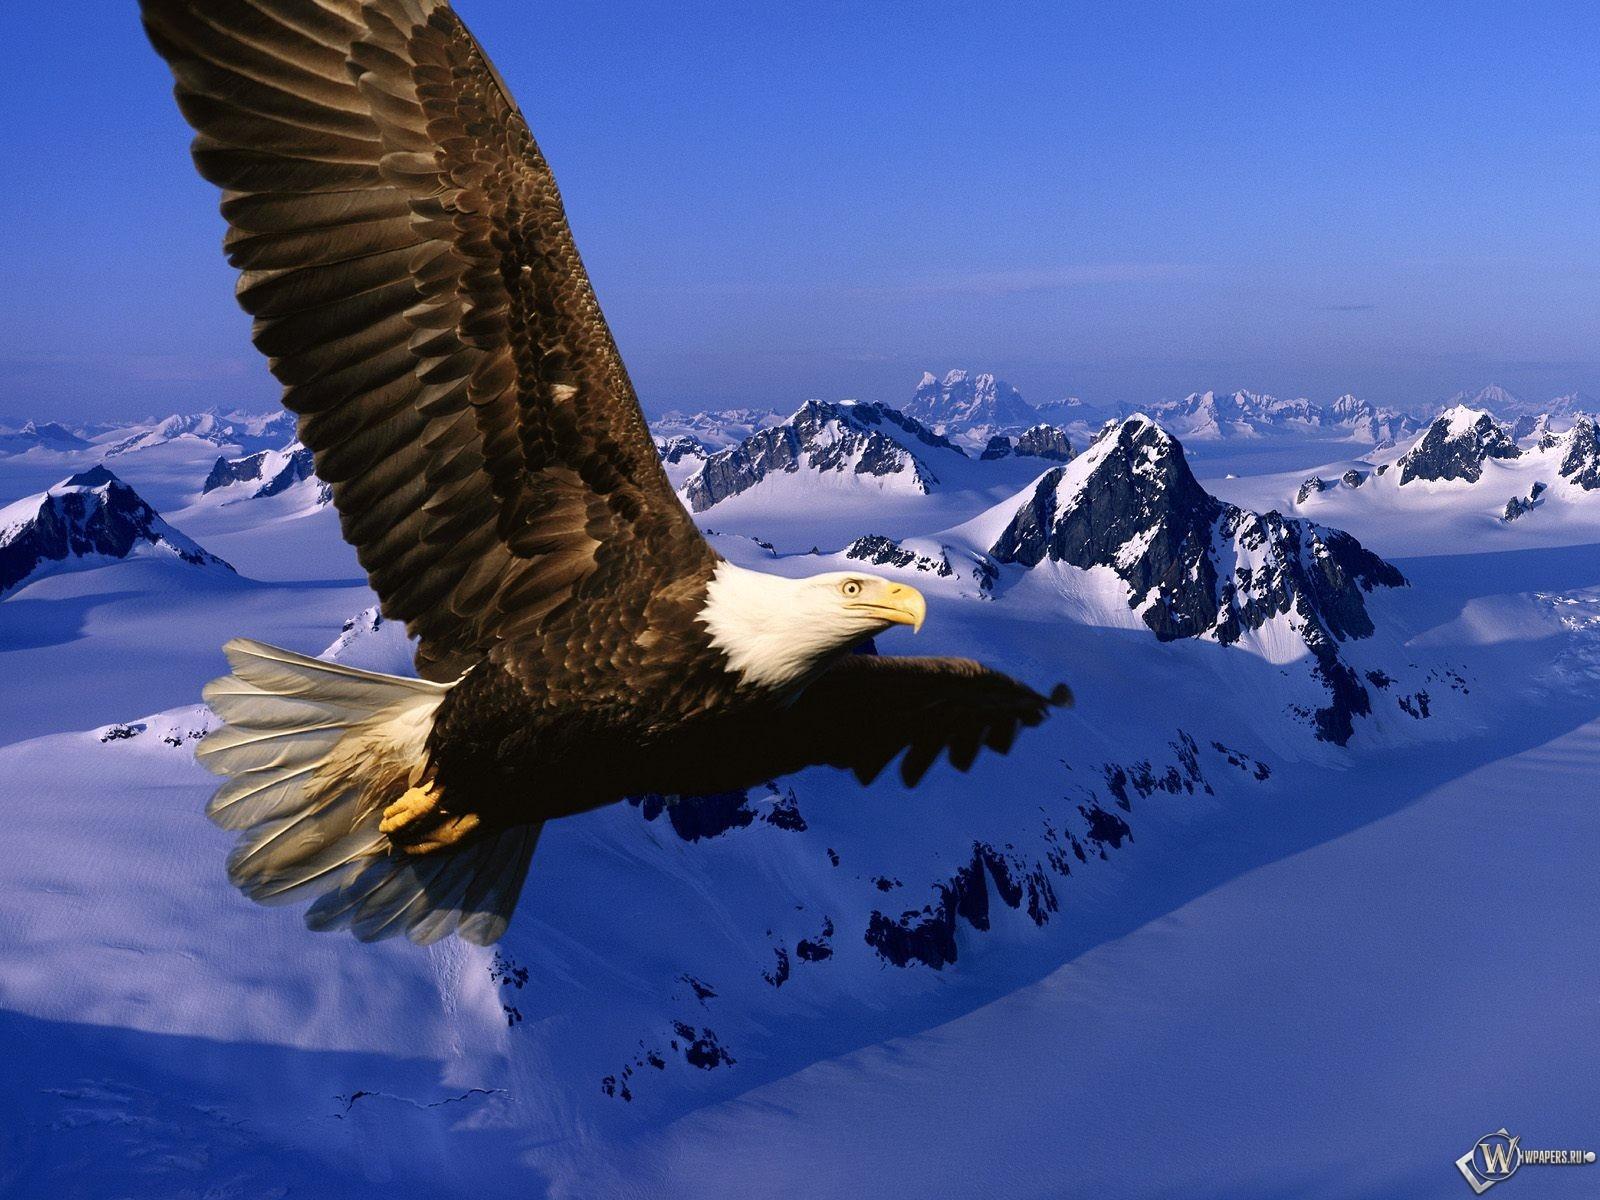 Орел на фоне гор 1600x1200